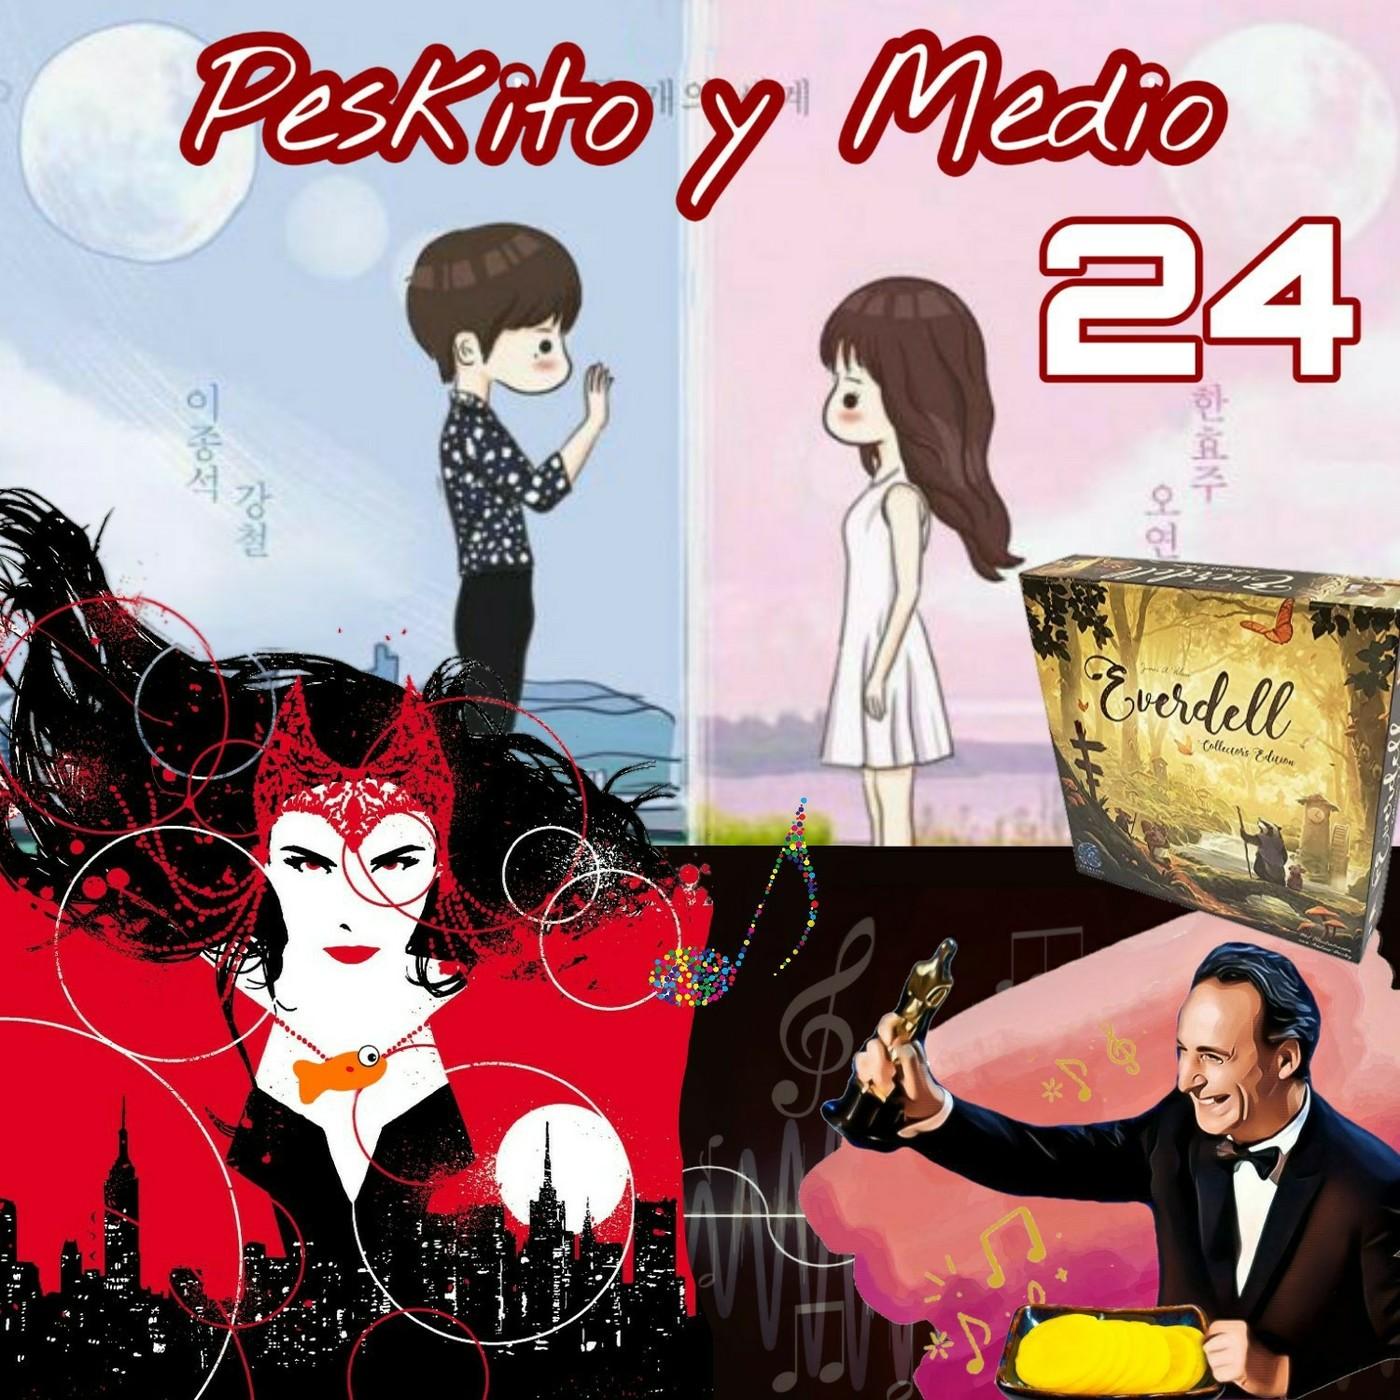 Peskito y Medio Podcast.W (+Danmuji) - Bruja Escarlata en Comics - Everdell - BSOs: Oscars de la última década